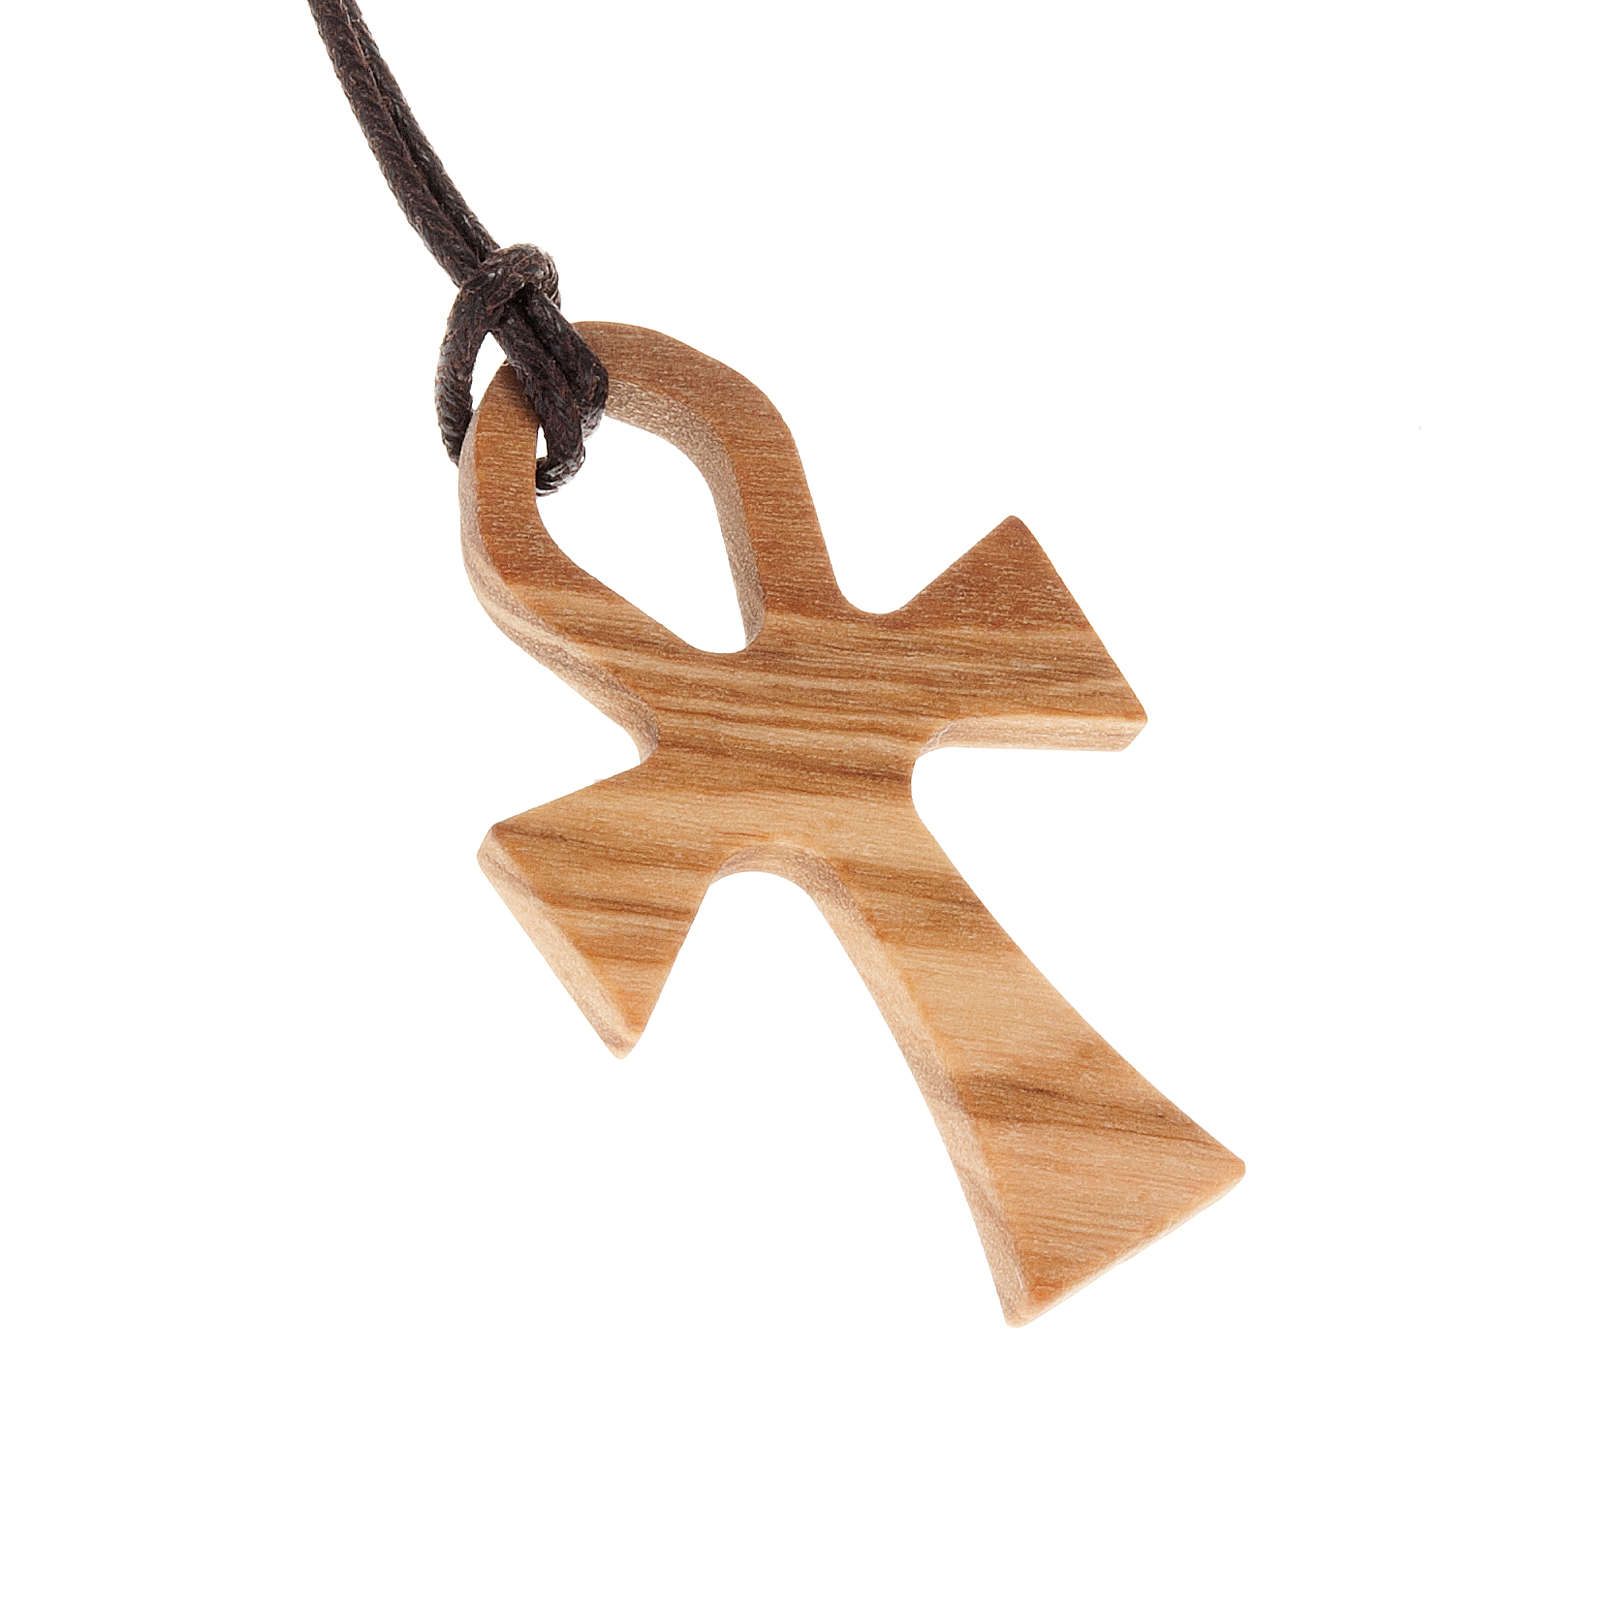 Croix ansée bois d'olivier 4